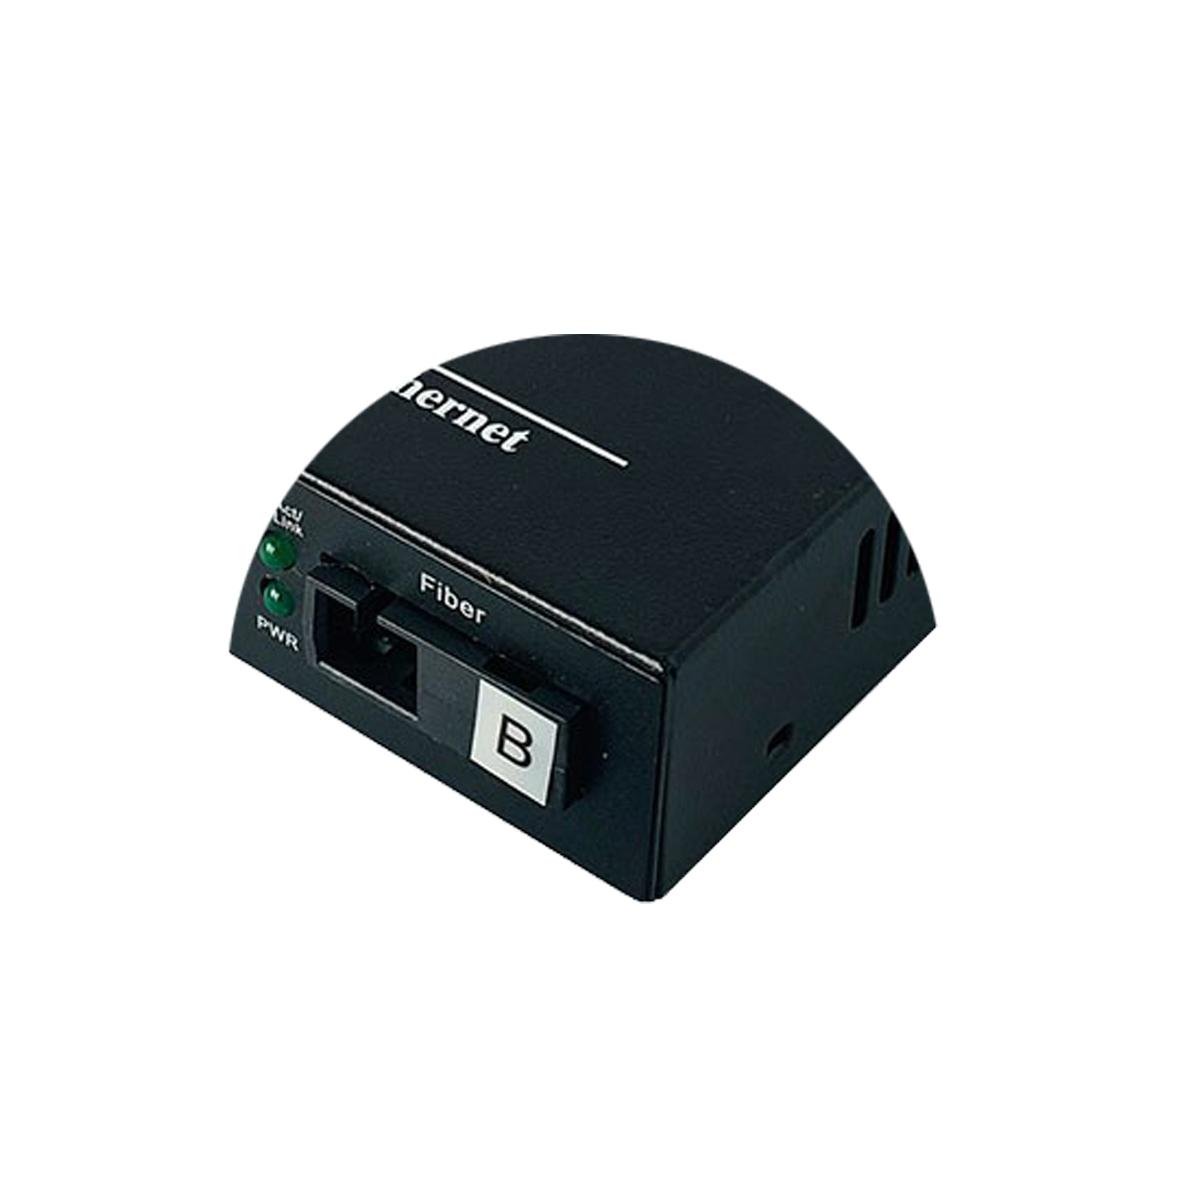 Bộ chuyển đổi quang điện POE 4xJ45 10/100M kèm cổng  SC 1 sợi GNETCOM GNC-6104FE-25B - Hàng Chính hãng